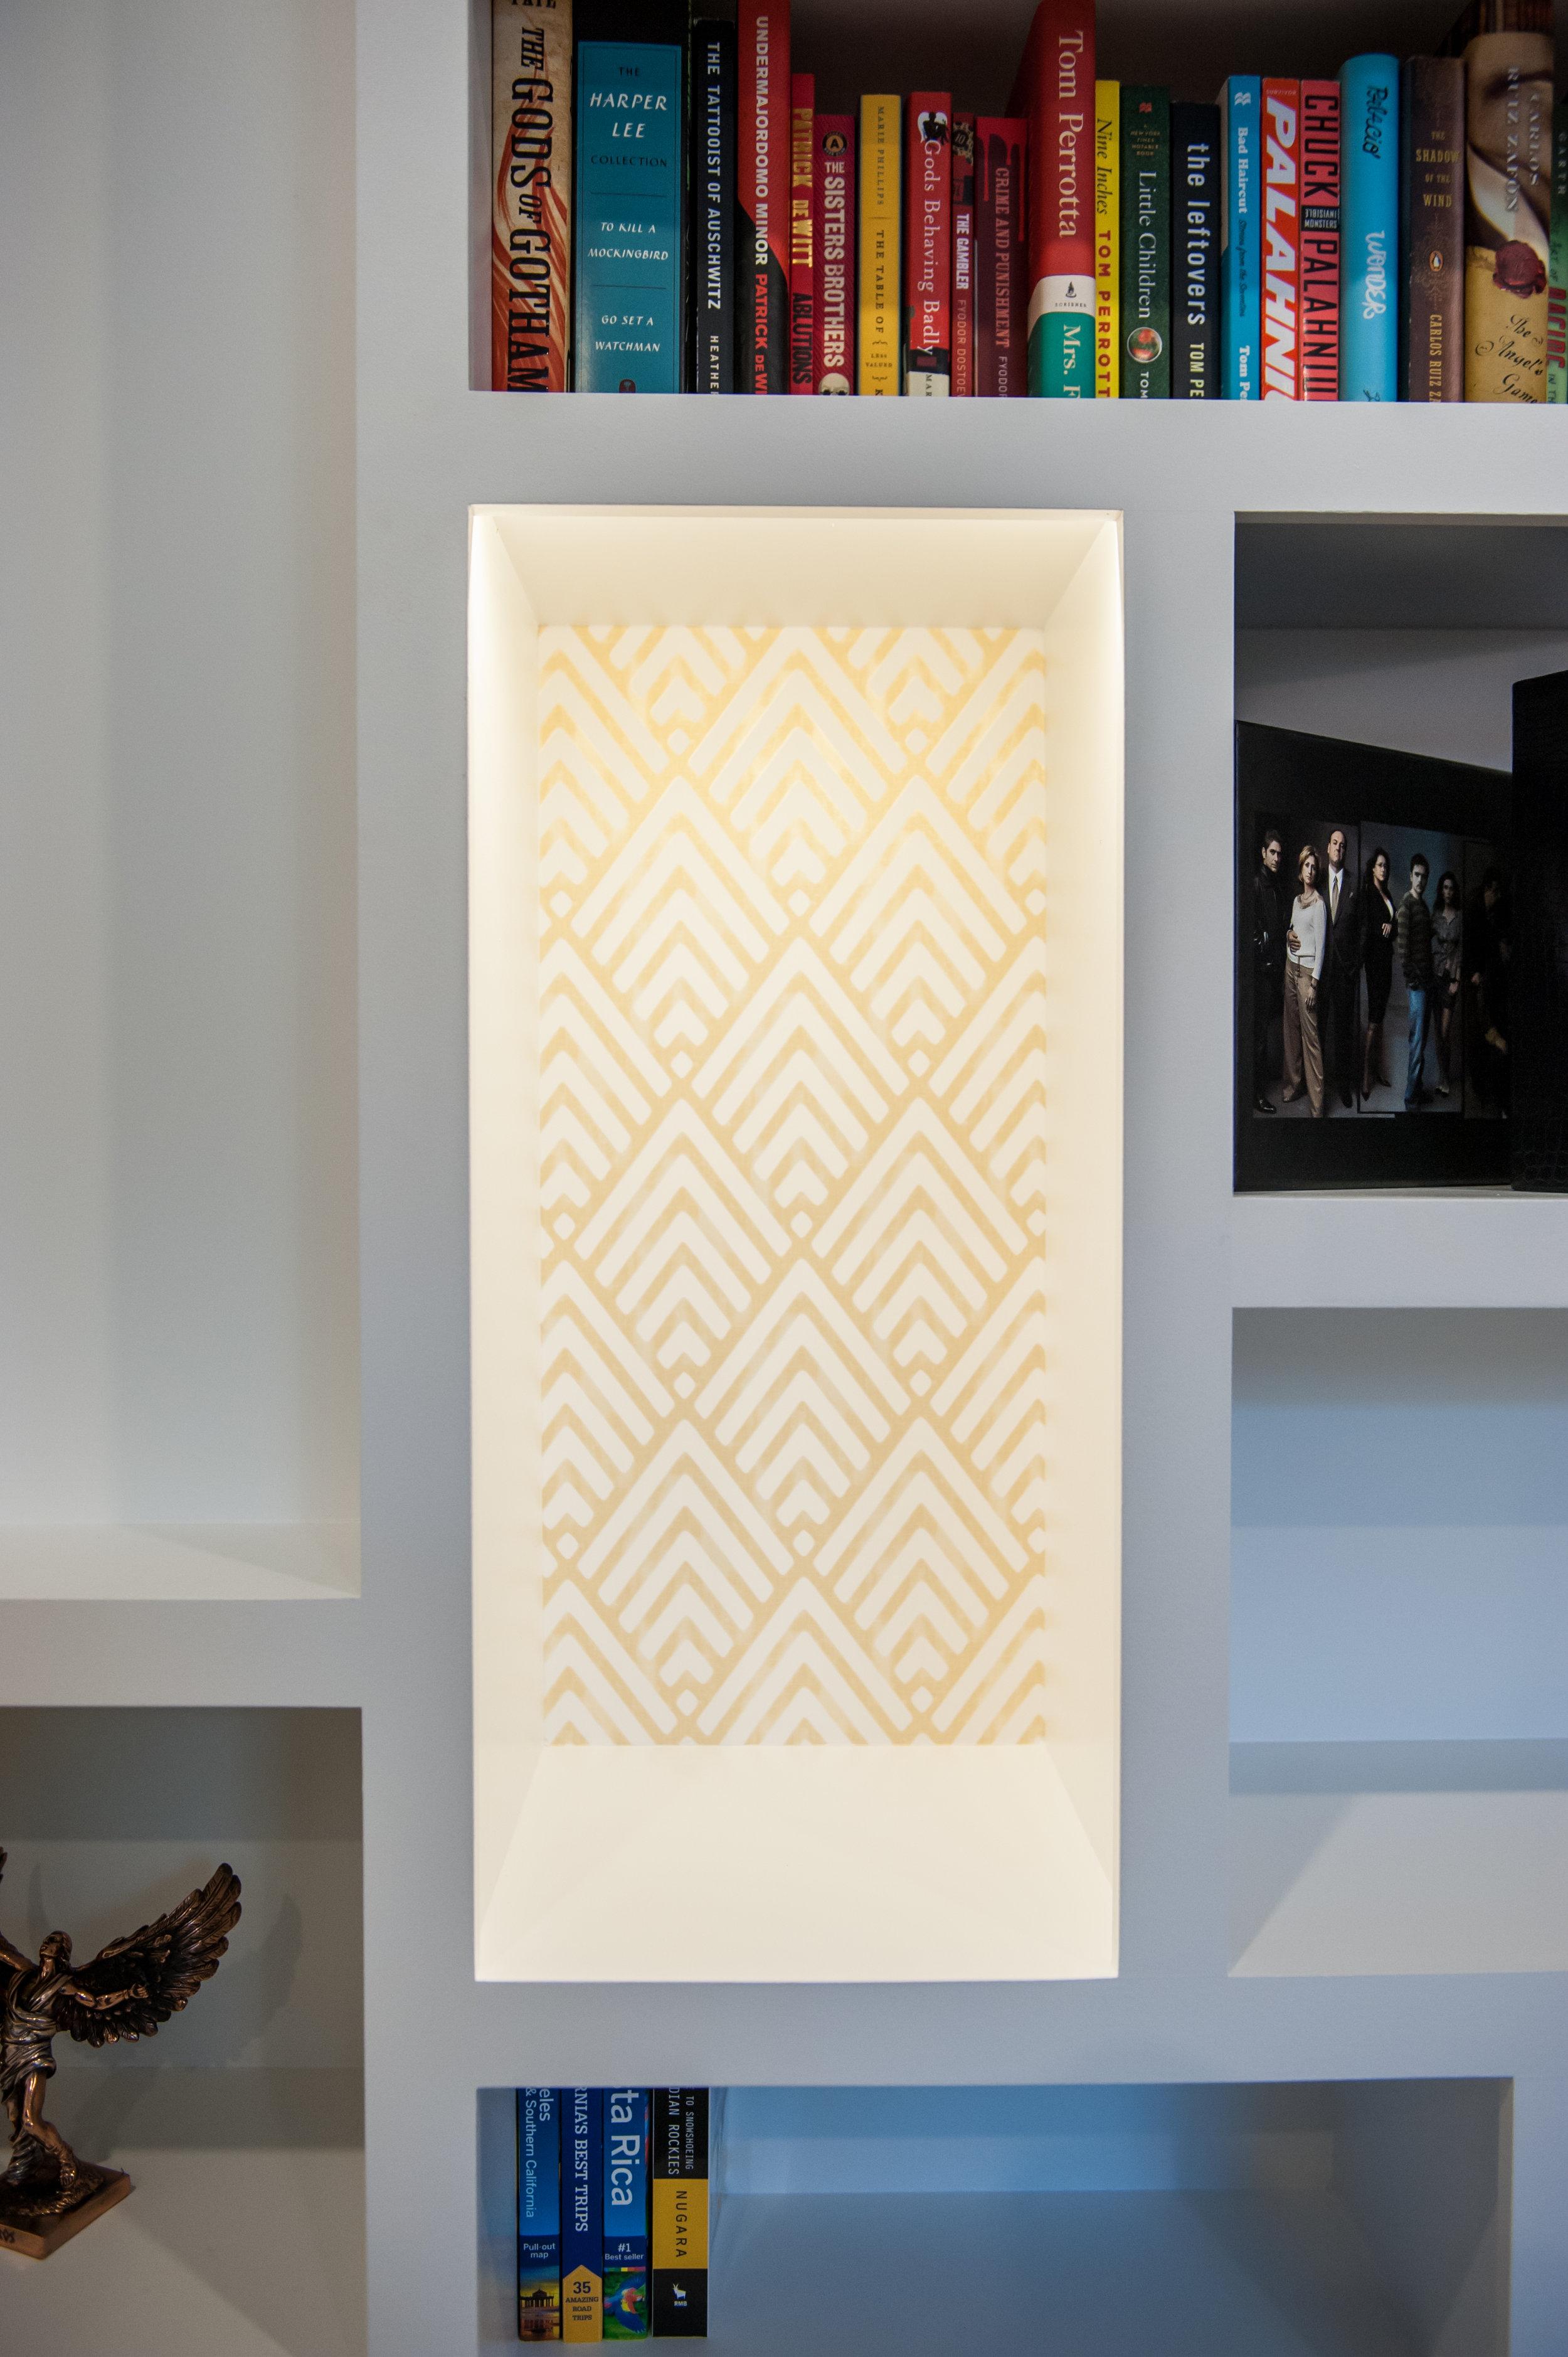 wallpaper_book_storage